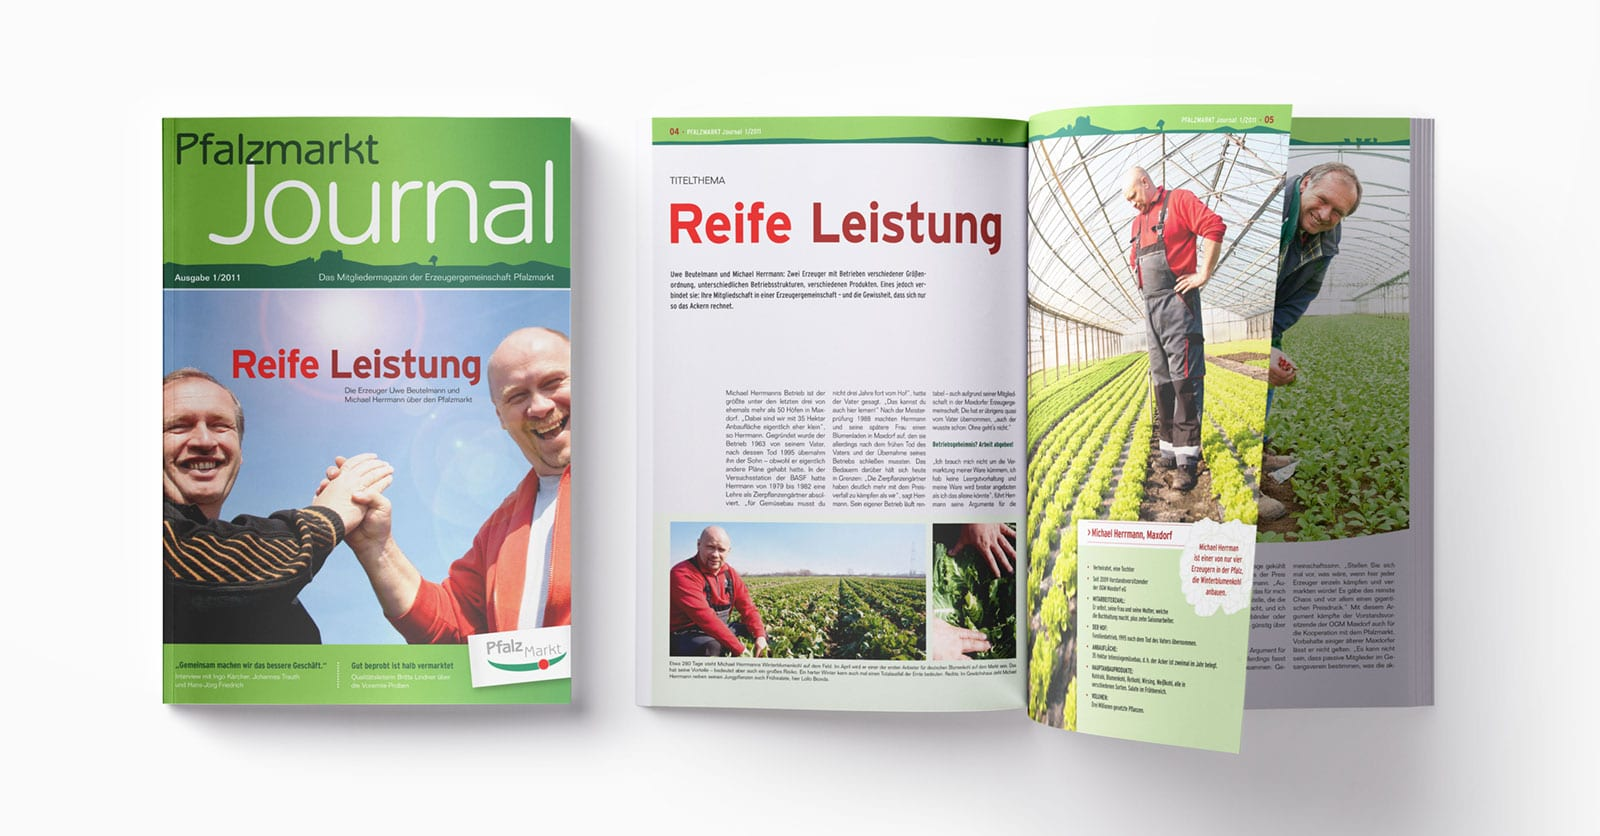 Pfalzmarkt Journal Ausgabe 1-2011